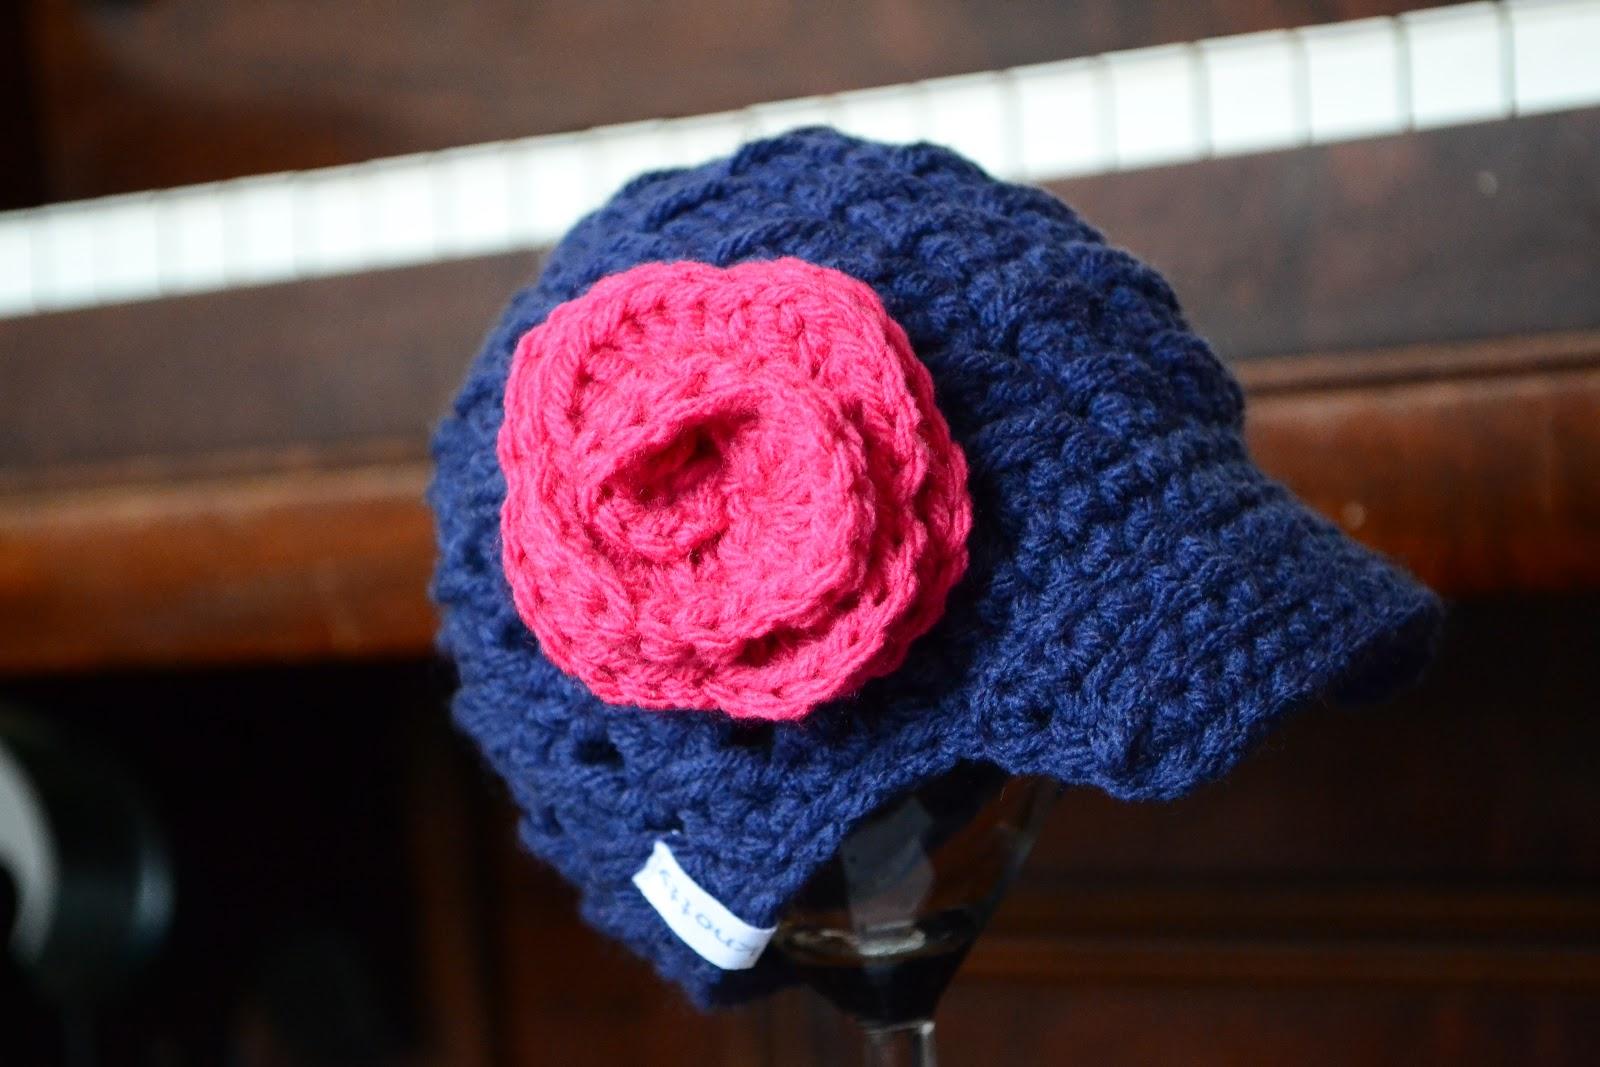 Knotty Knotty Crochet: Newborn Newsboy hat FREE PATTERN